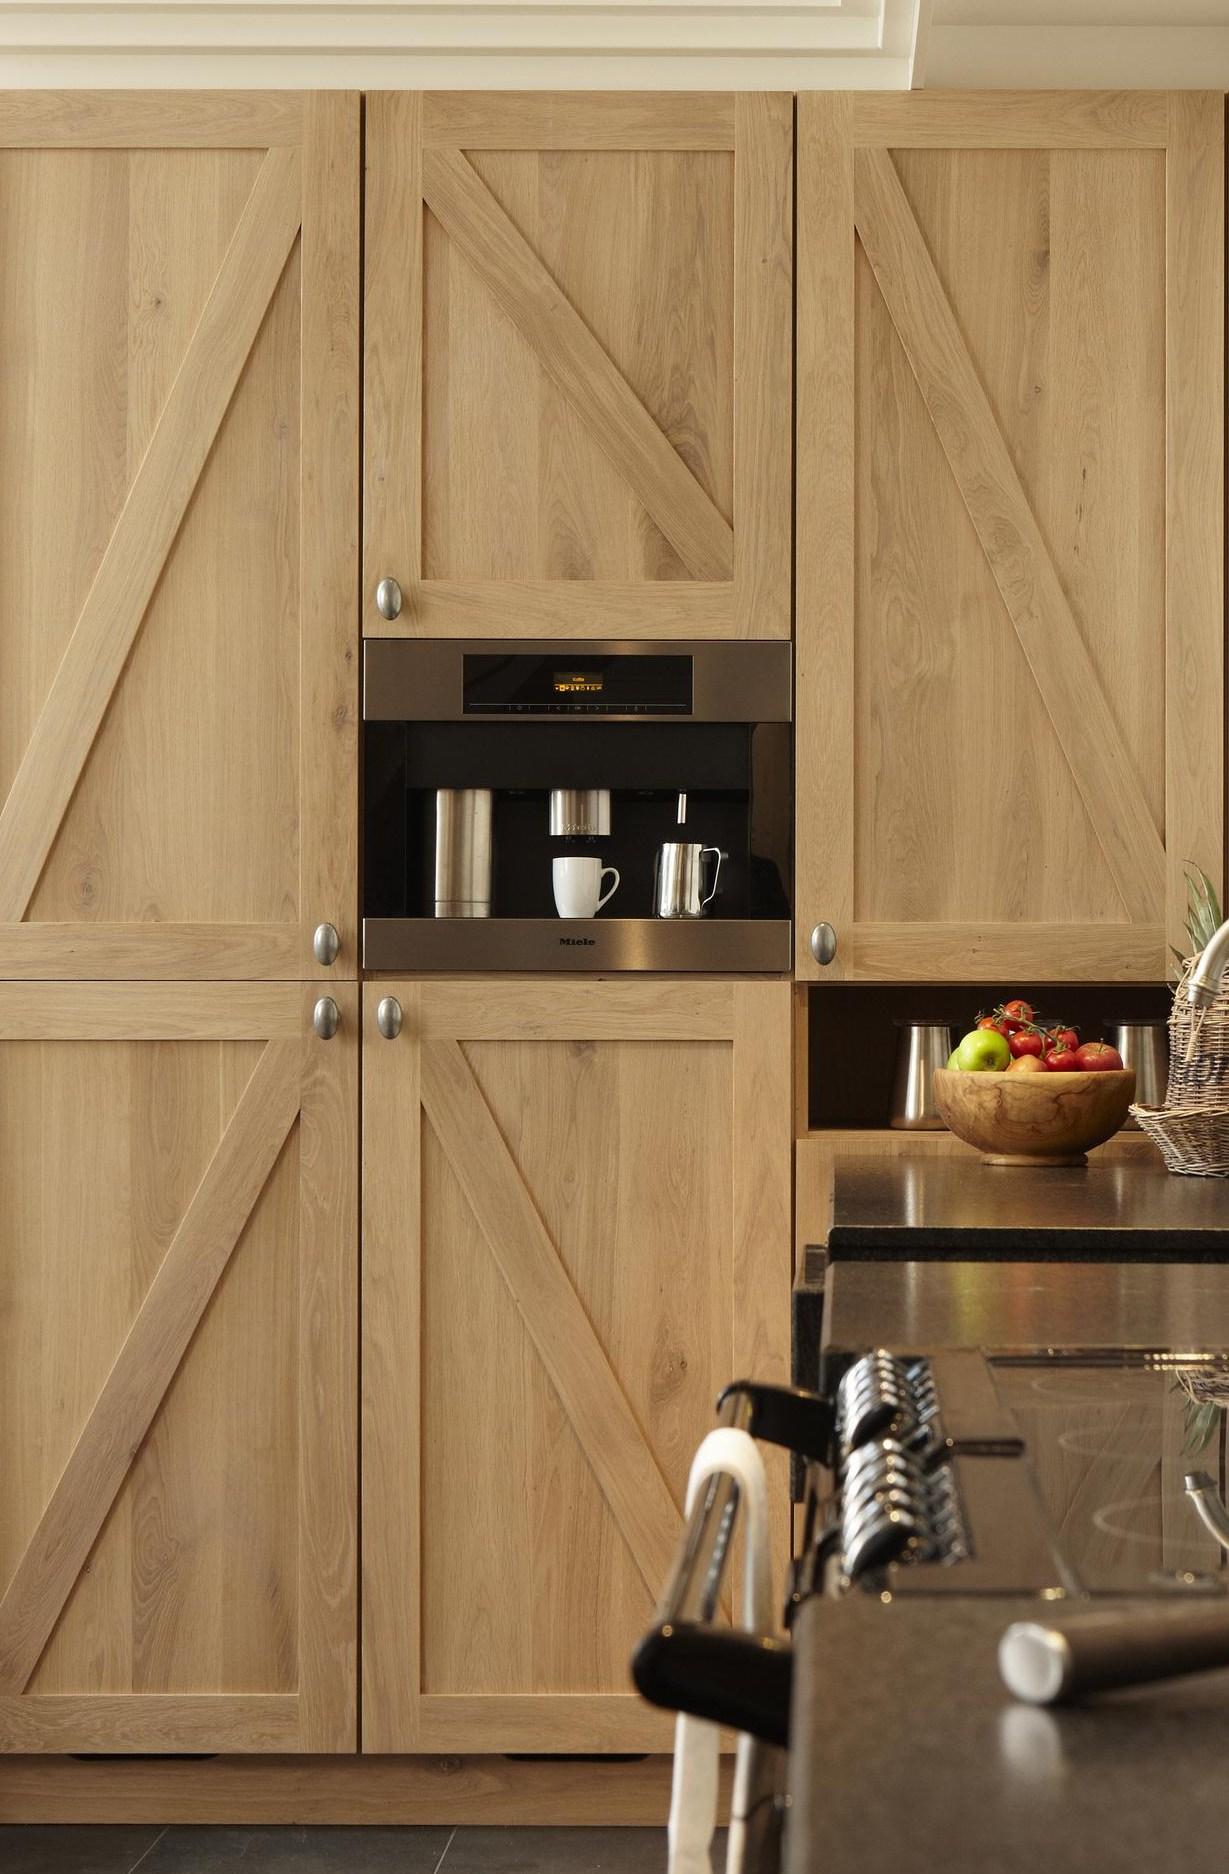 Keuken kasten hout: wat is het verschil tussen maatwerk en ...